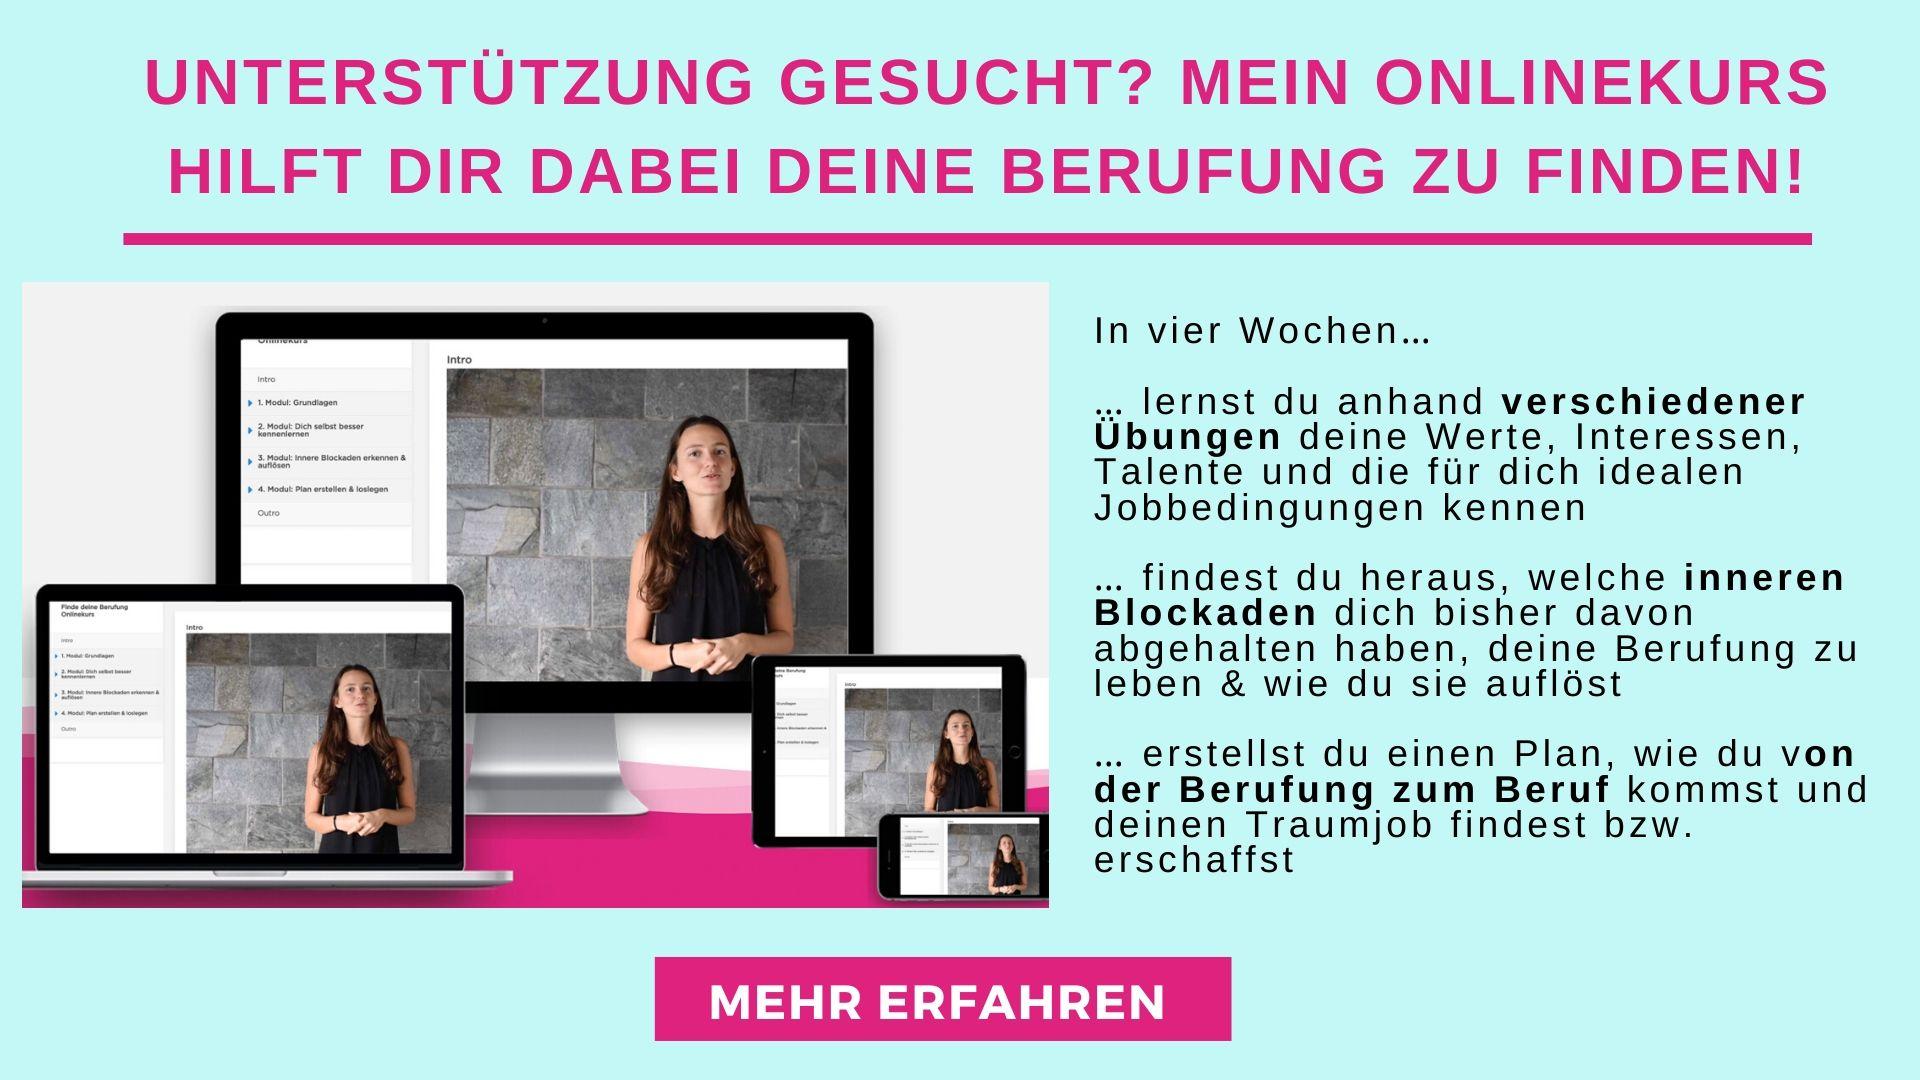 Onlinekurs Finde deine Berufung